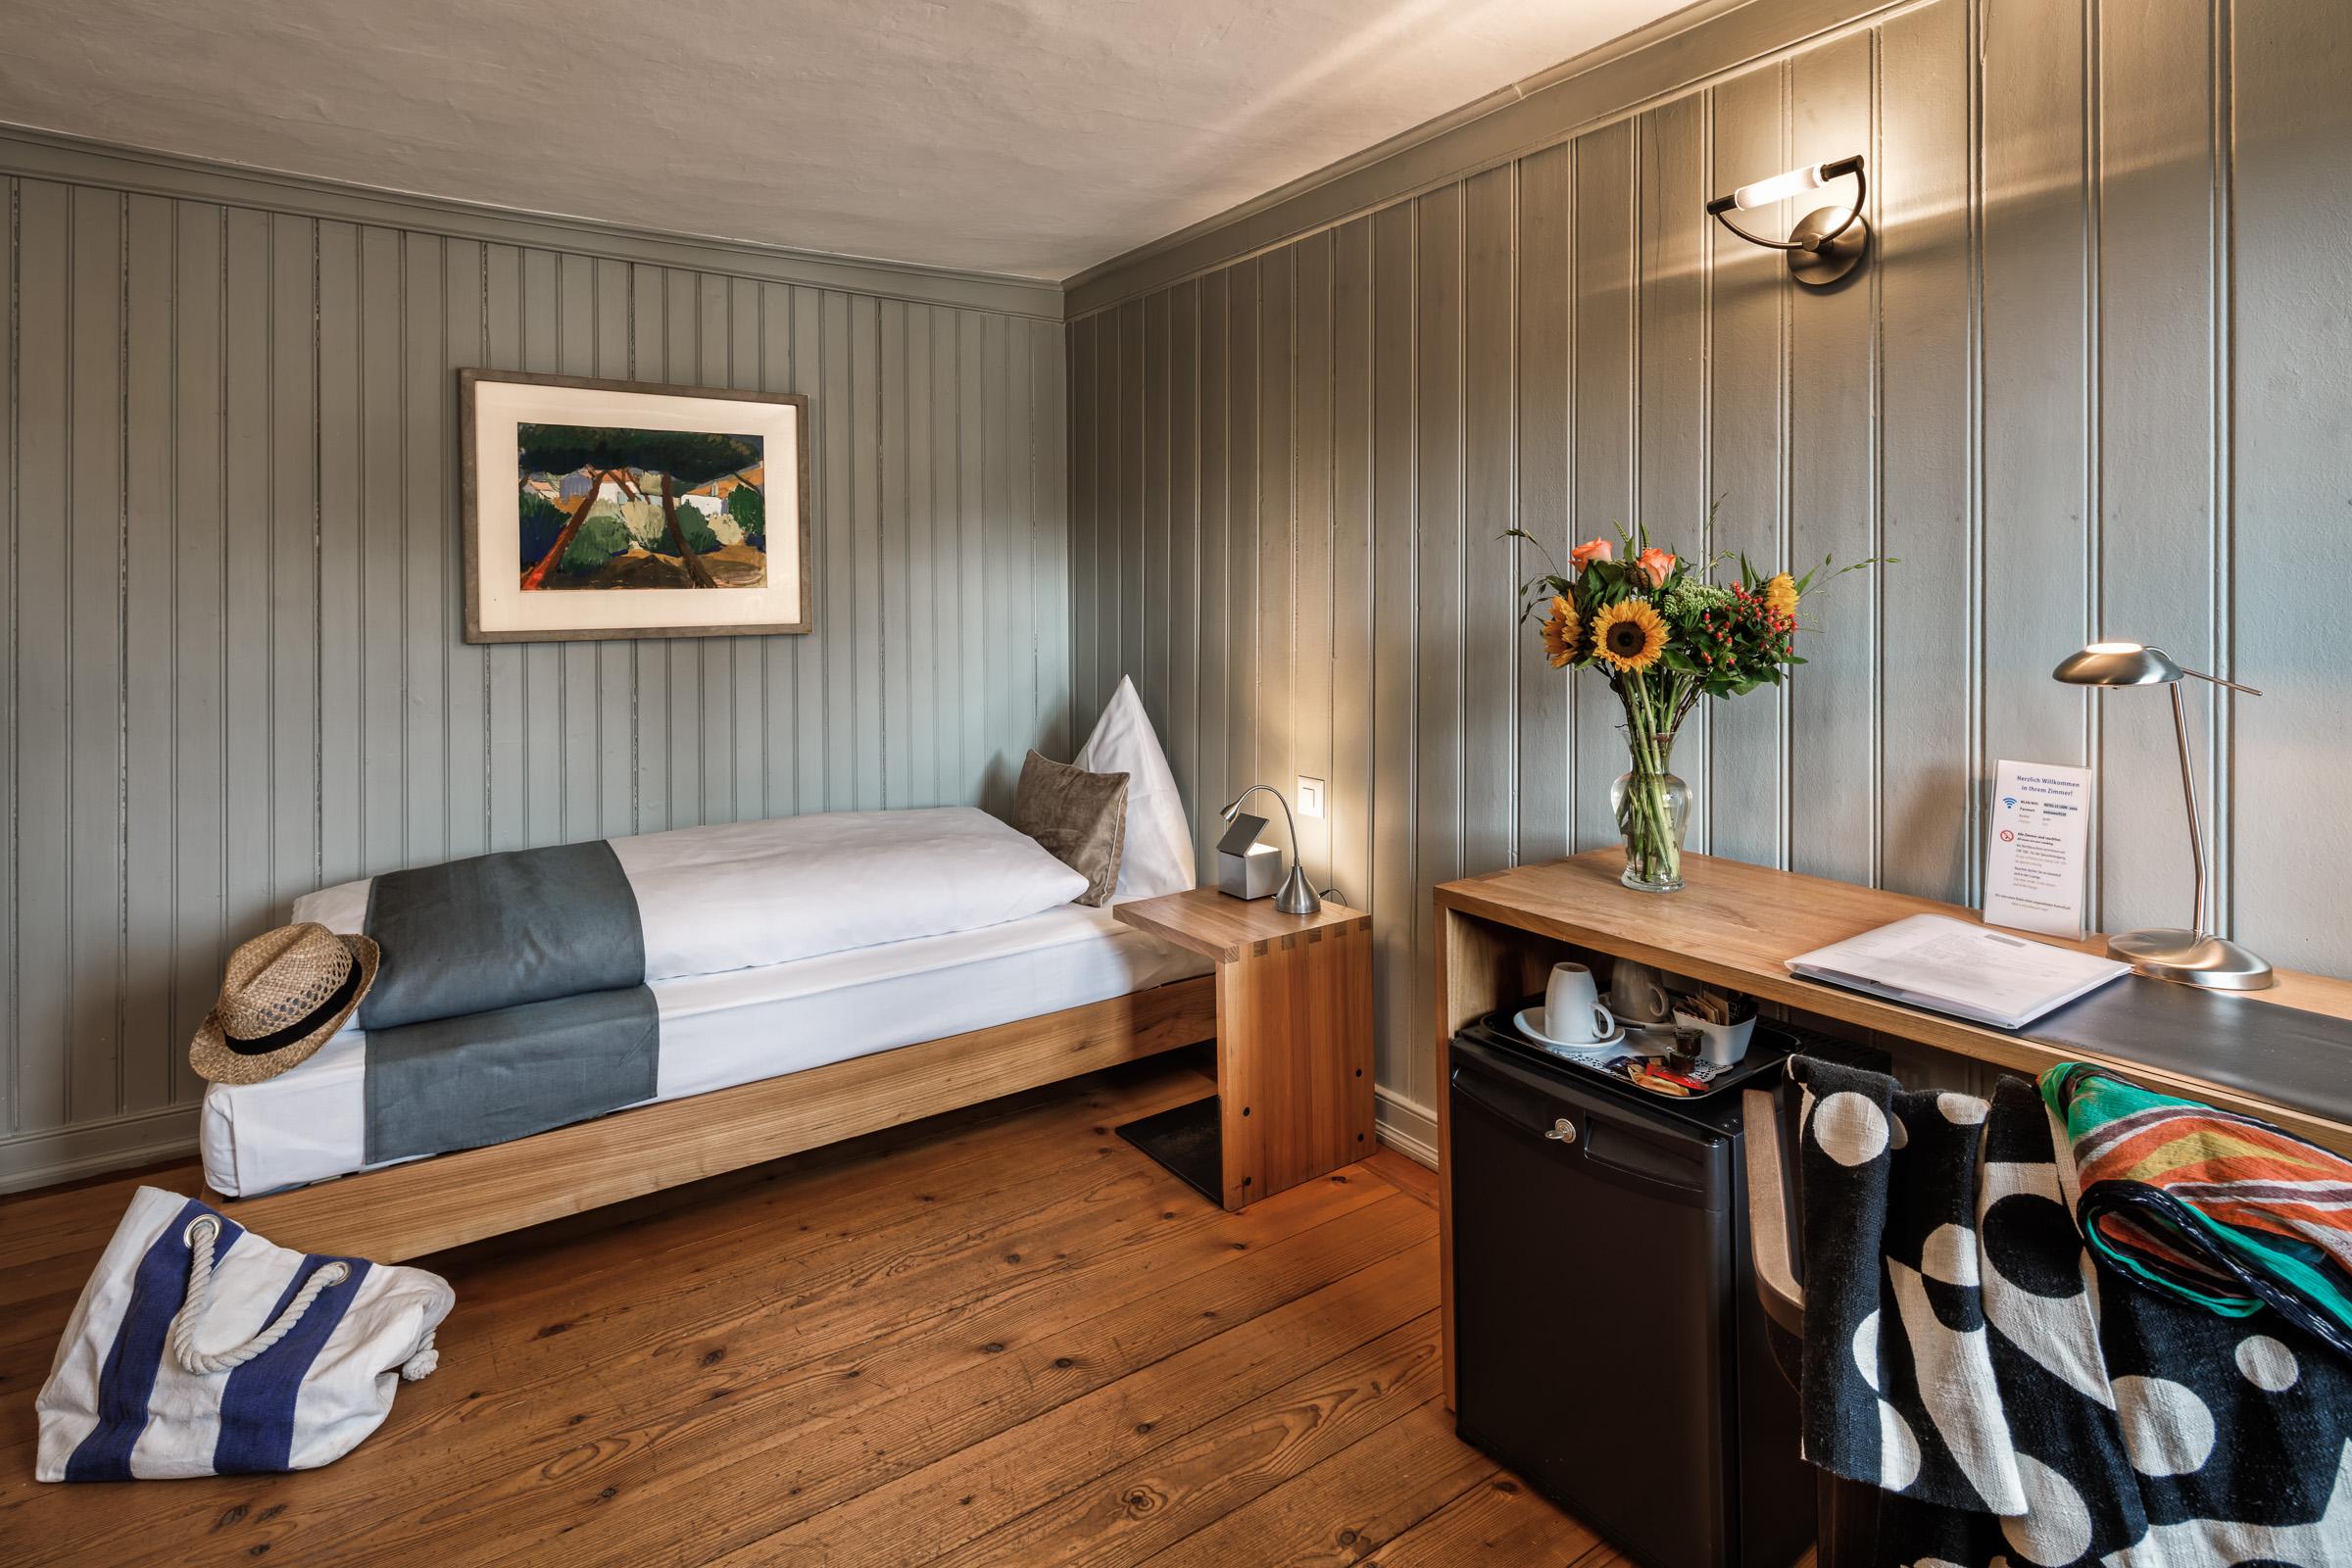 19-127 - Hotel Le Lion Bischofszell - Hotelfotografie--7.jpg